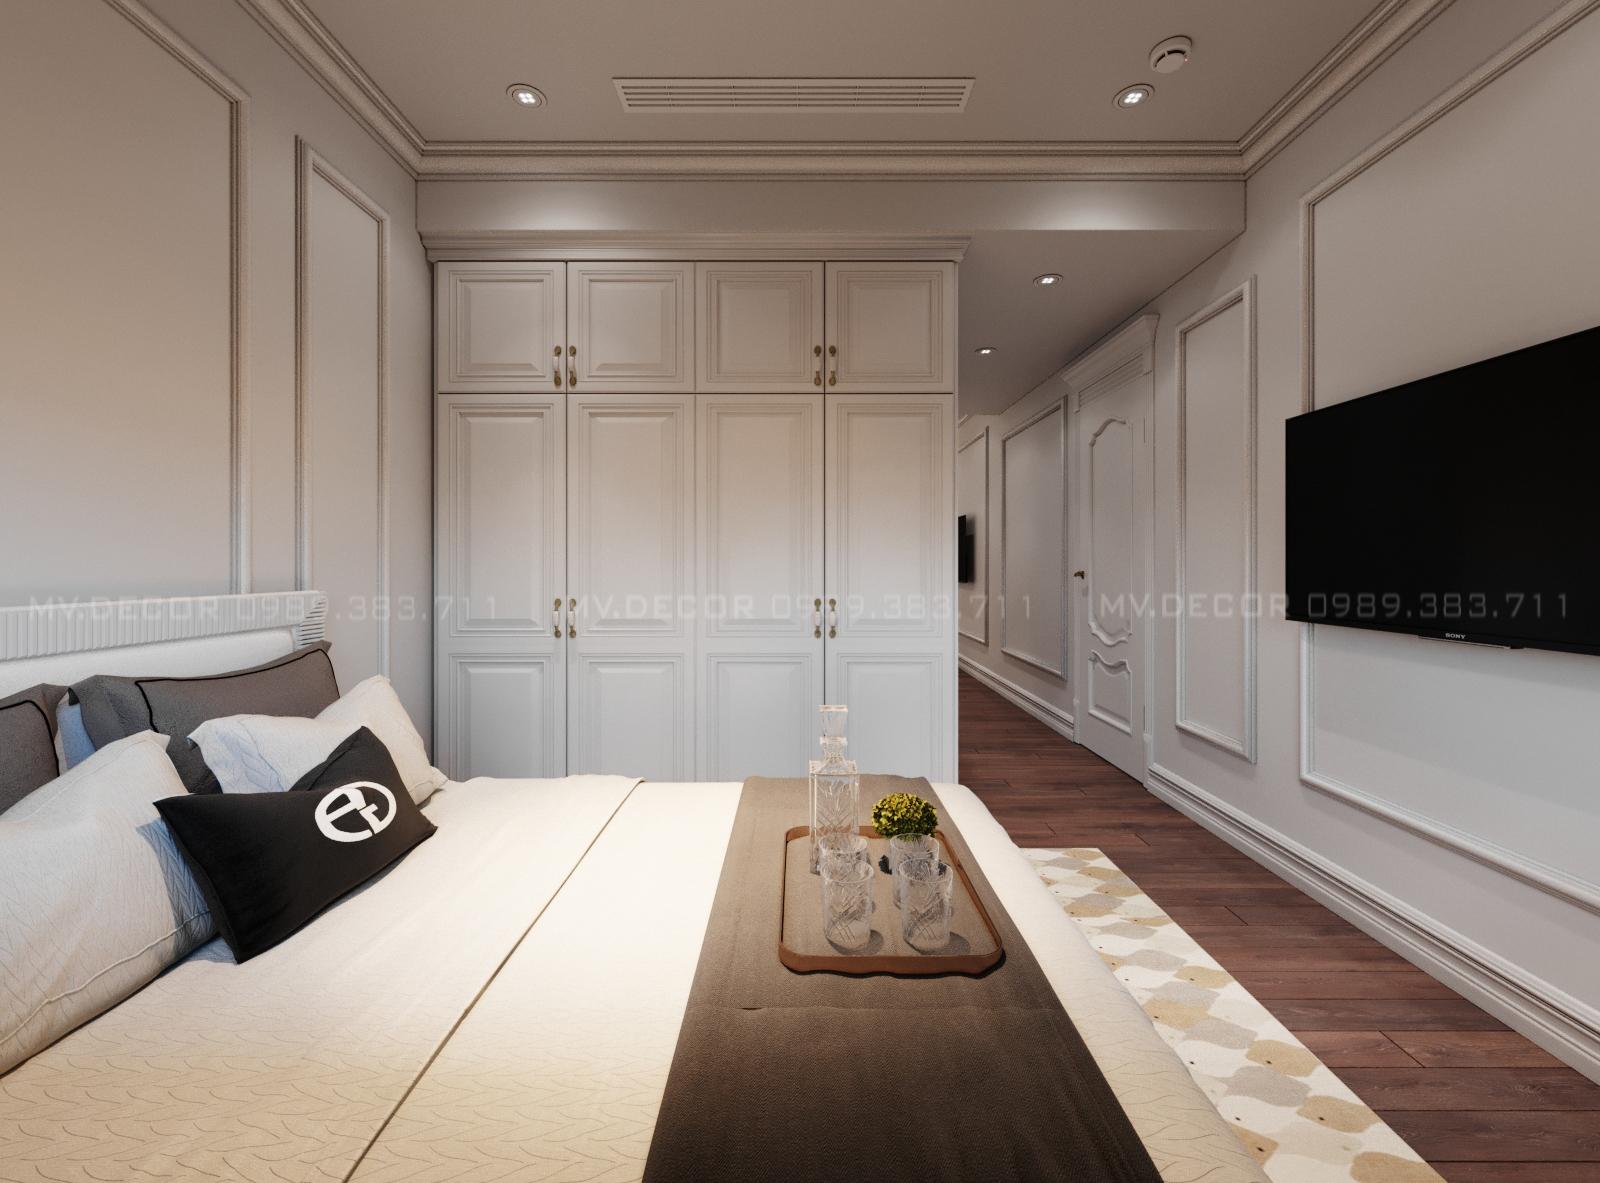 thiết kế nội thất Biệt Thự tại Hải Phòng BT VENICE 6-26 13 1564932015